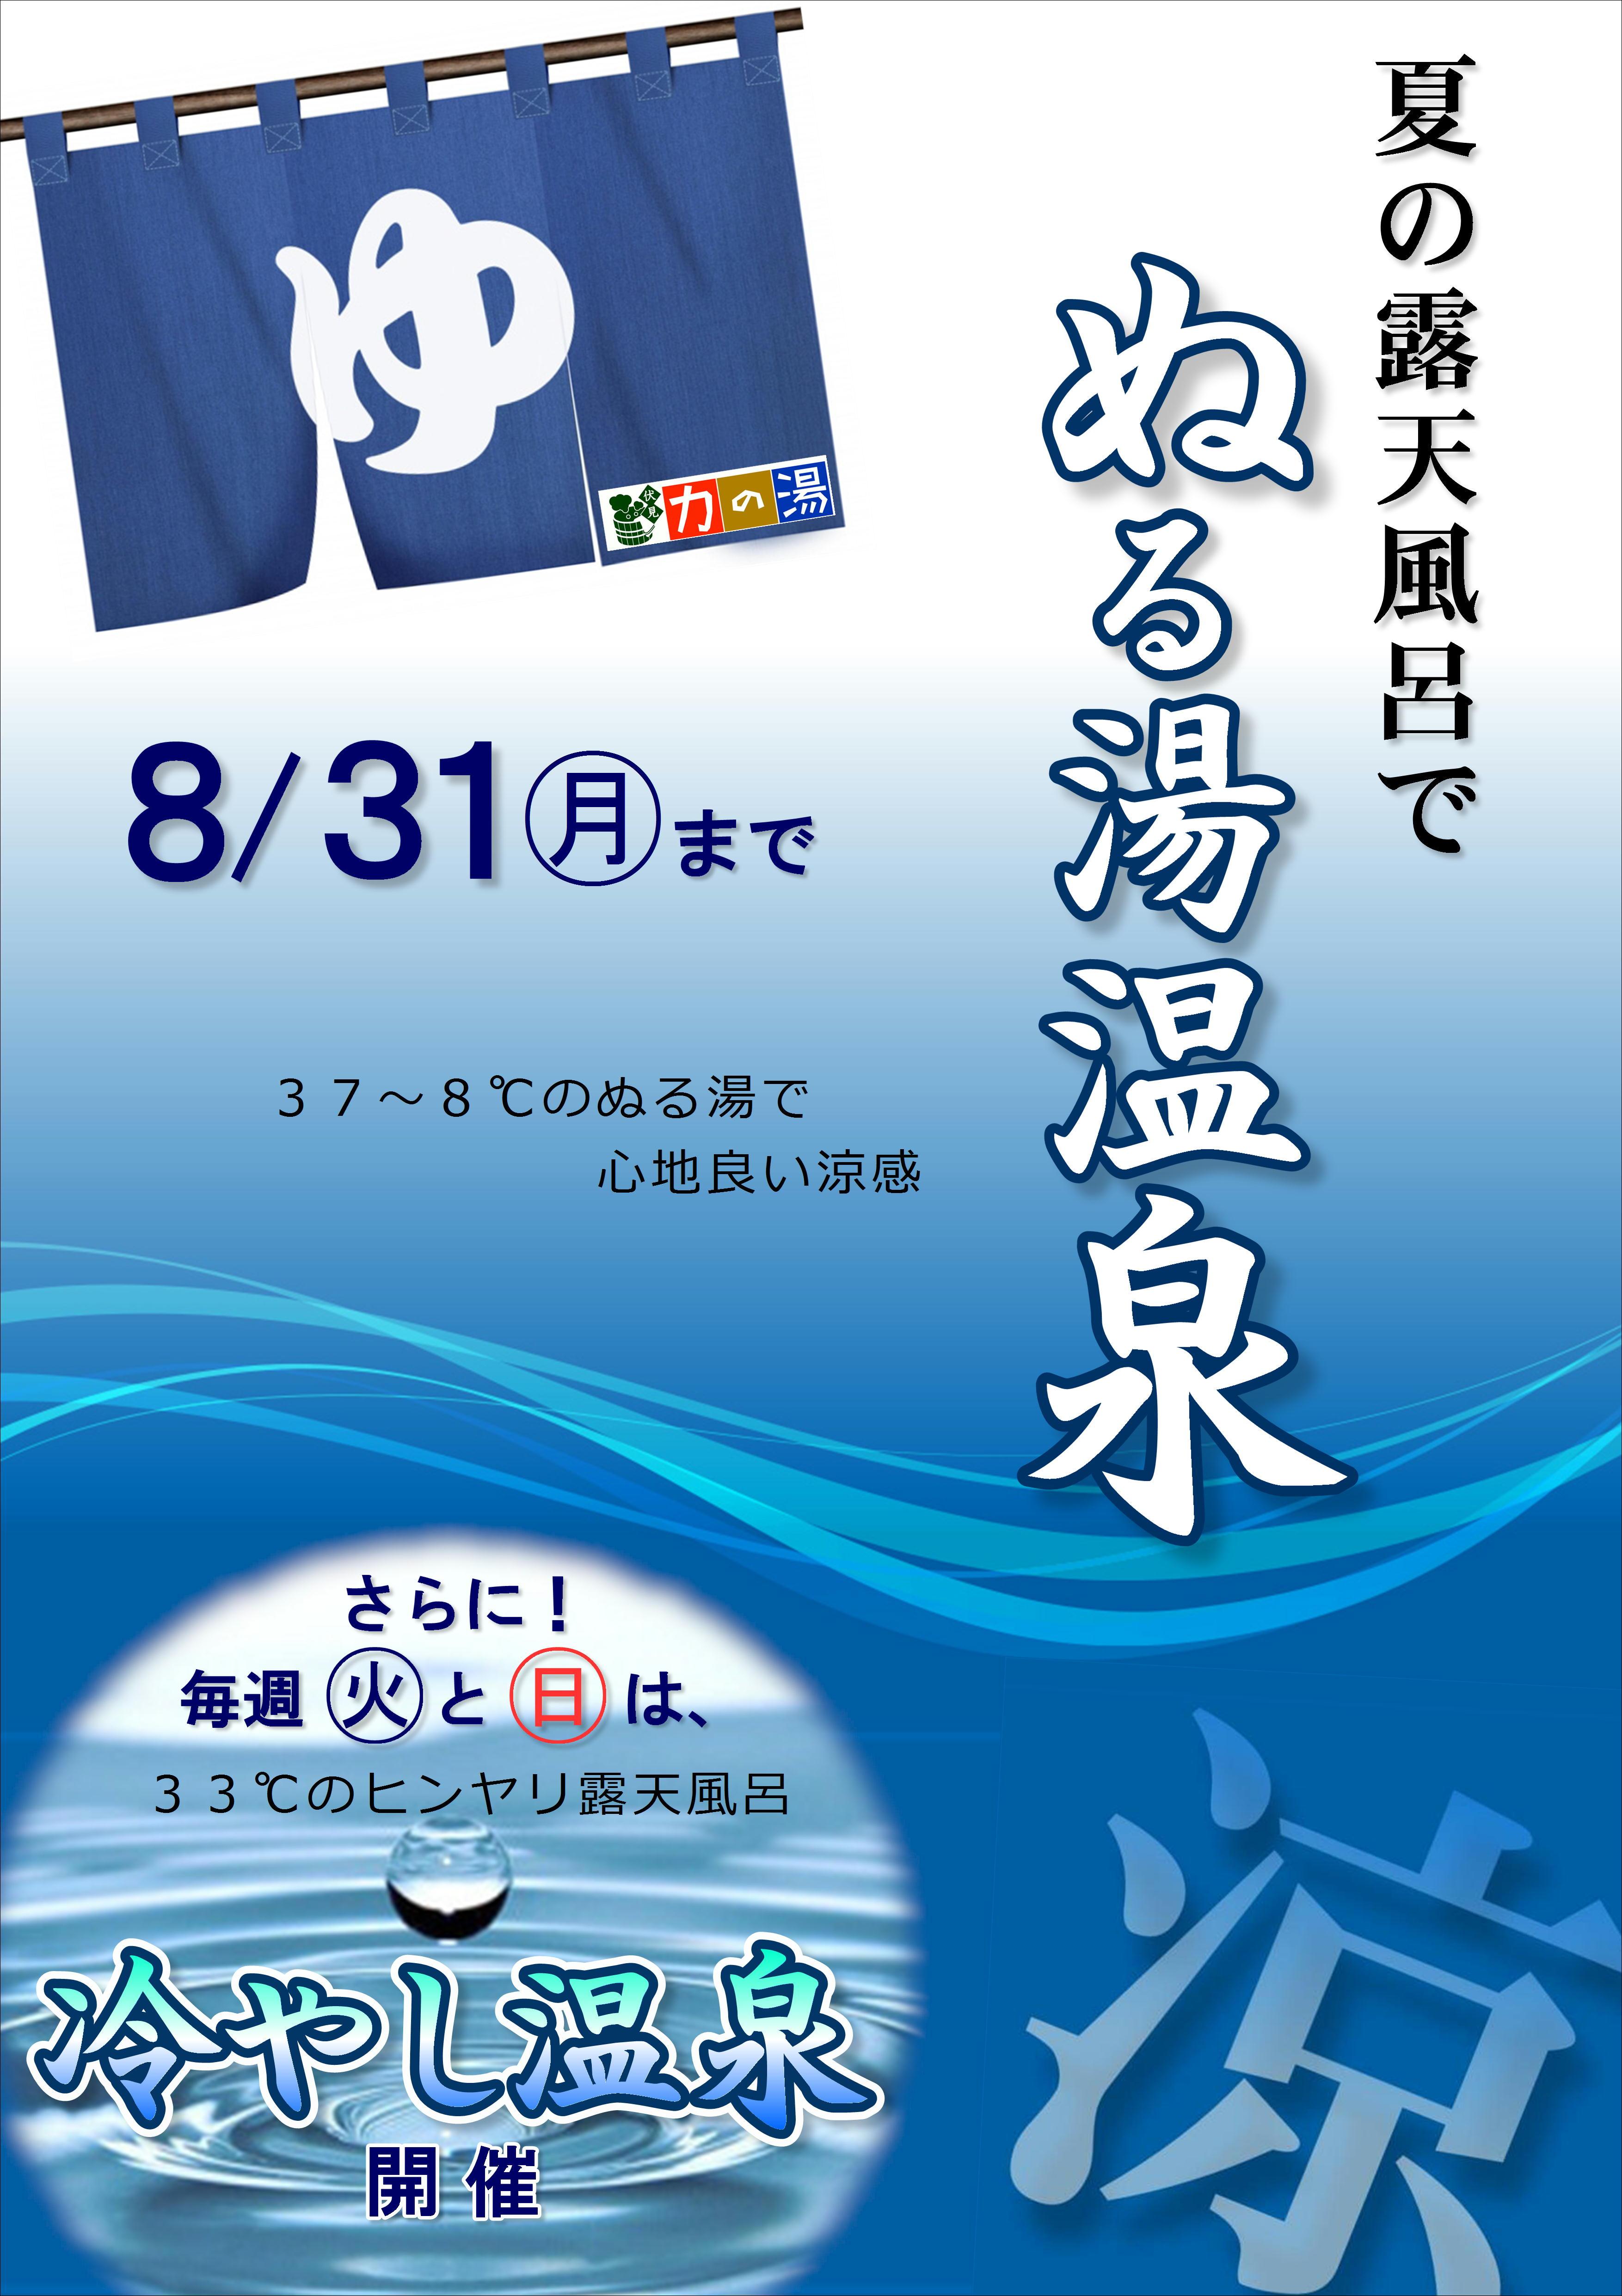 8月の火曜日、日曜日は『冷やし温泉』開催!